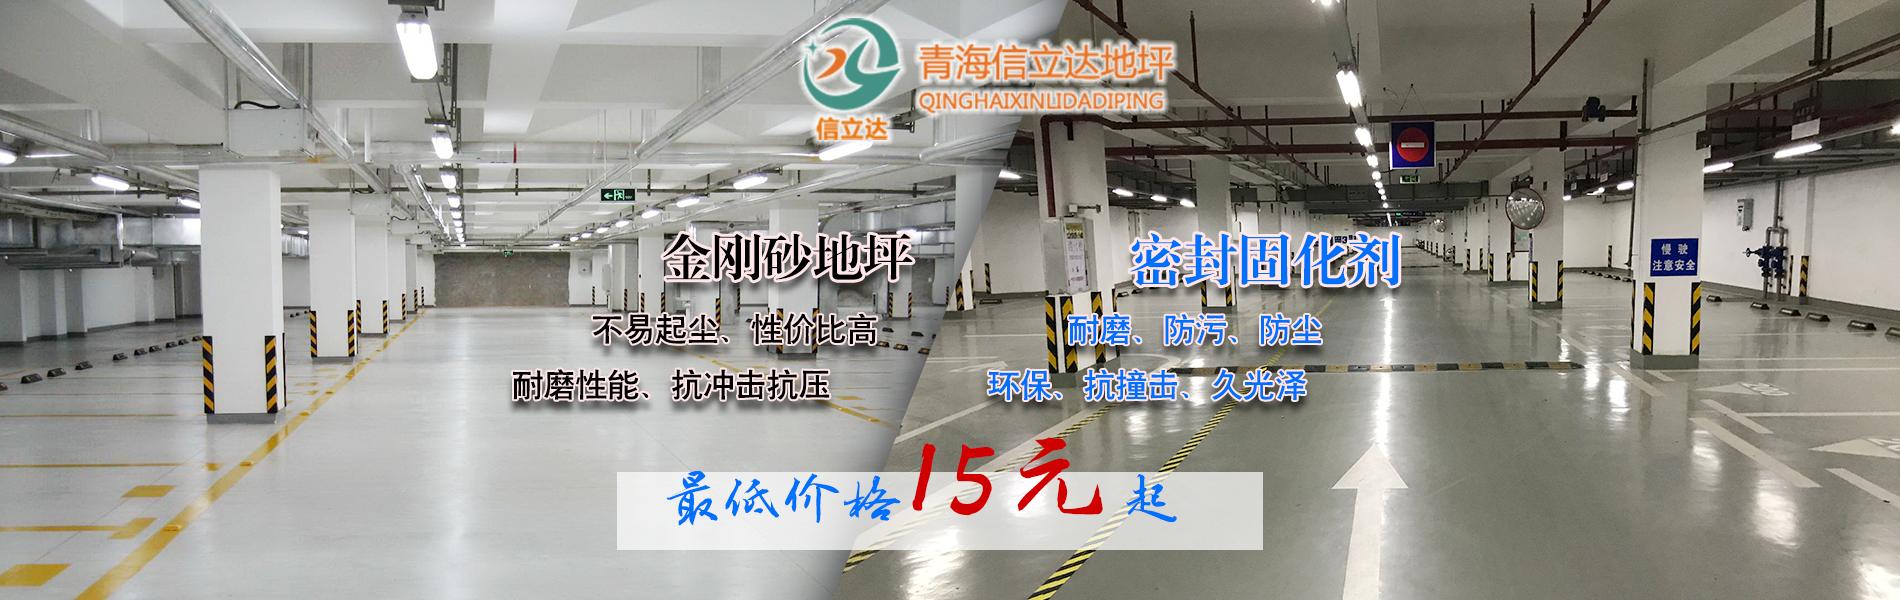 青海信立达地坪工程有限公司